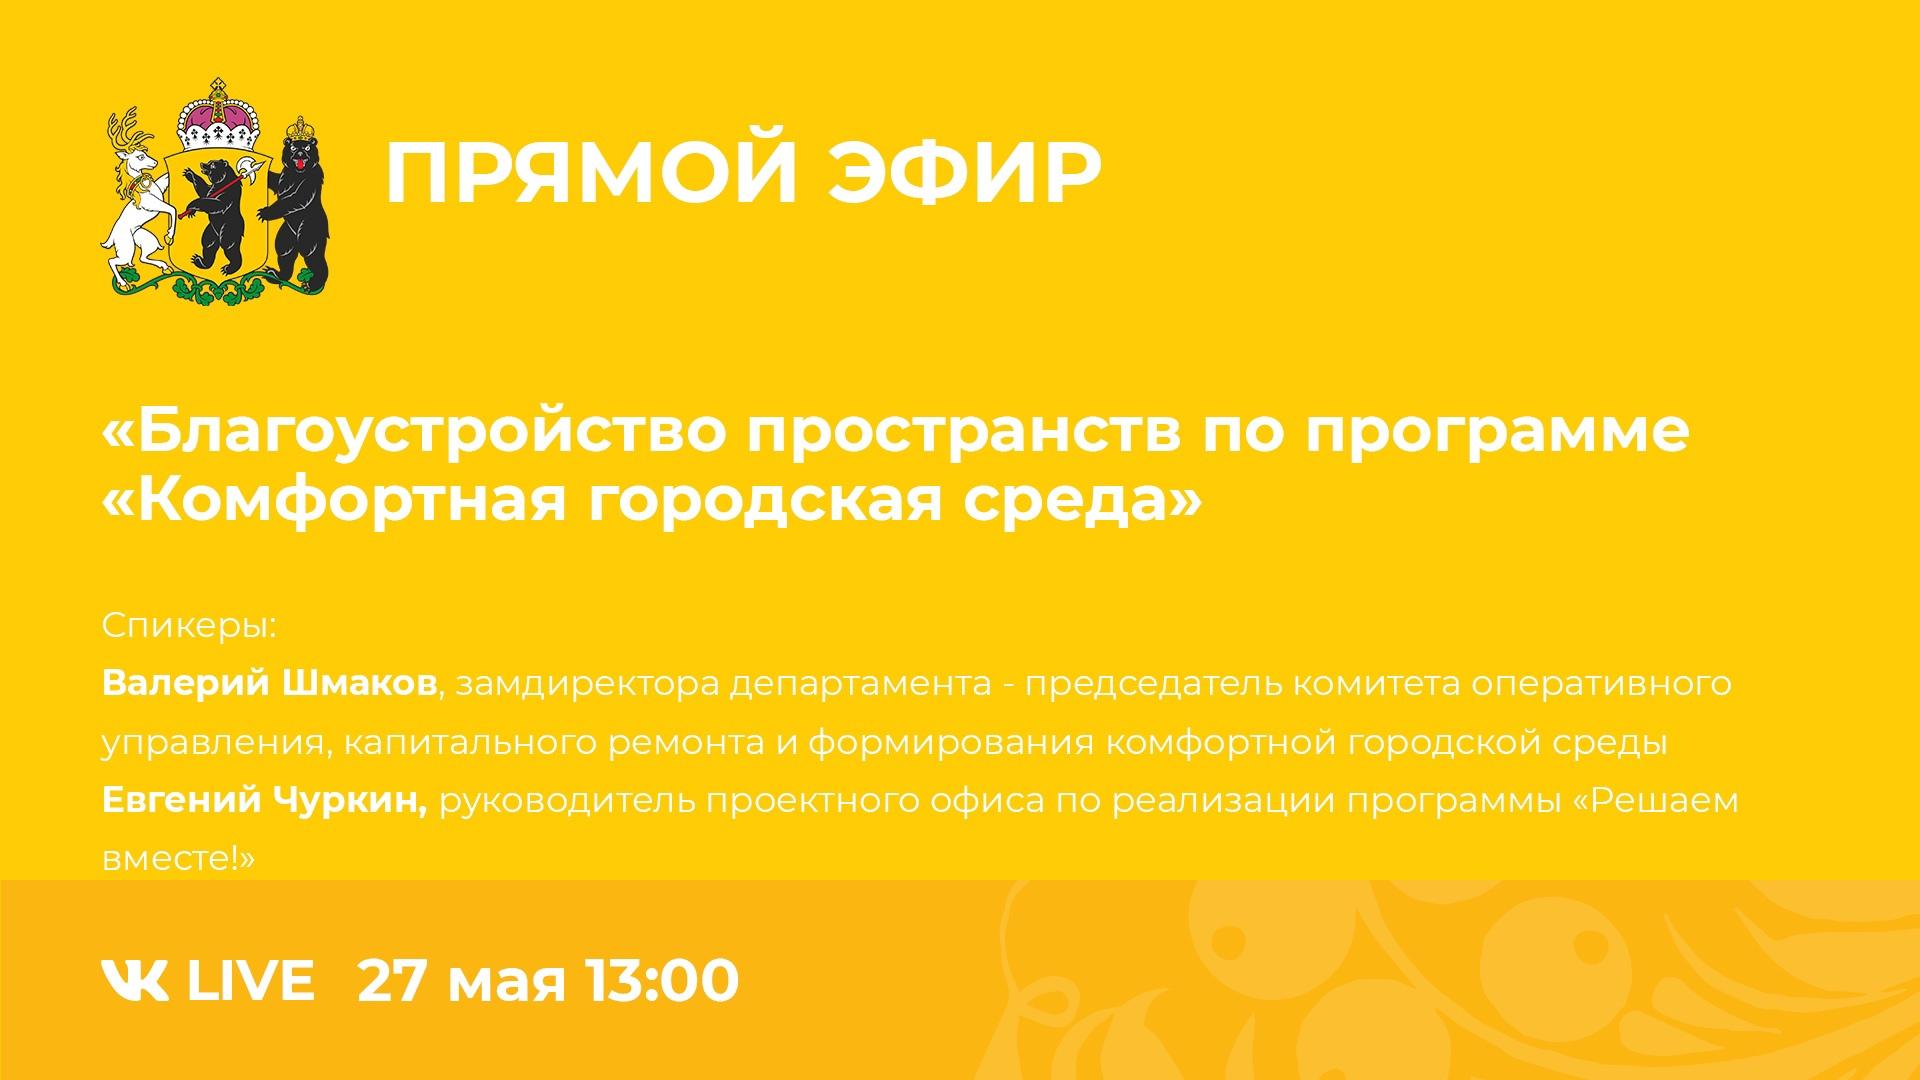 В Ярославской области пройдет прямой эфир по предварительным итогам голосования по программе «Комфортная городская среда»